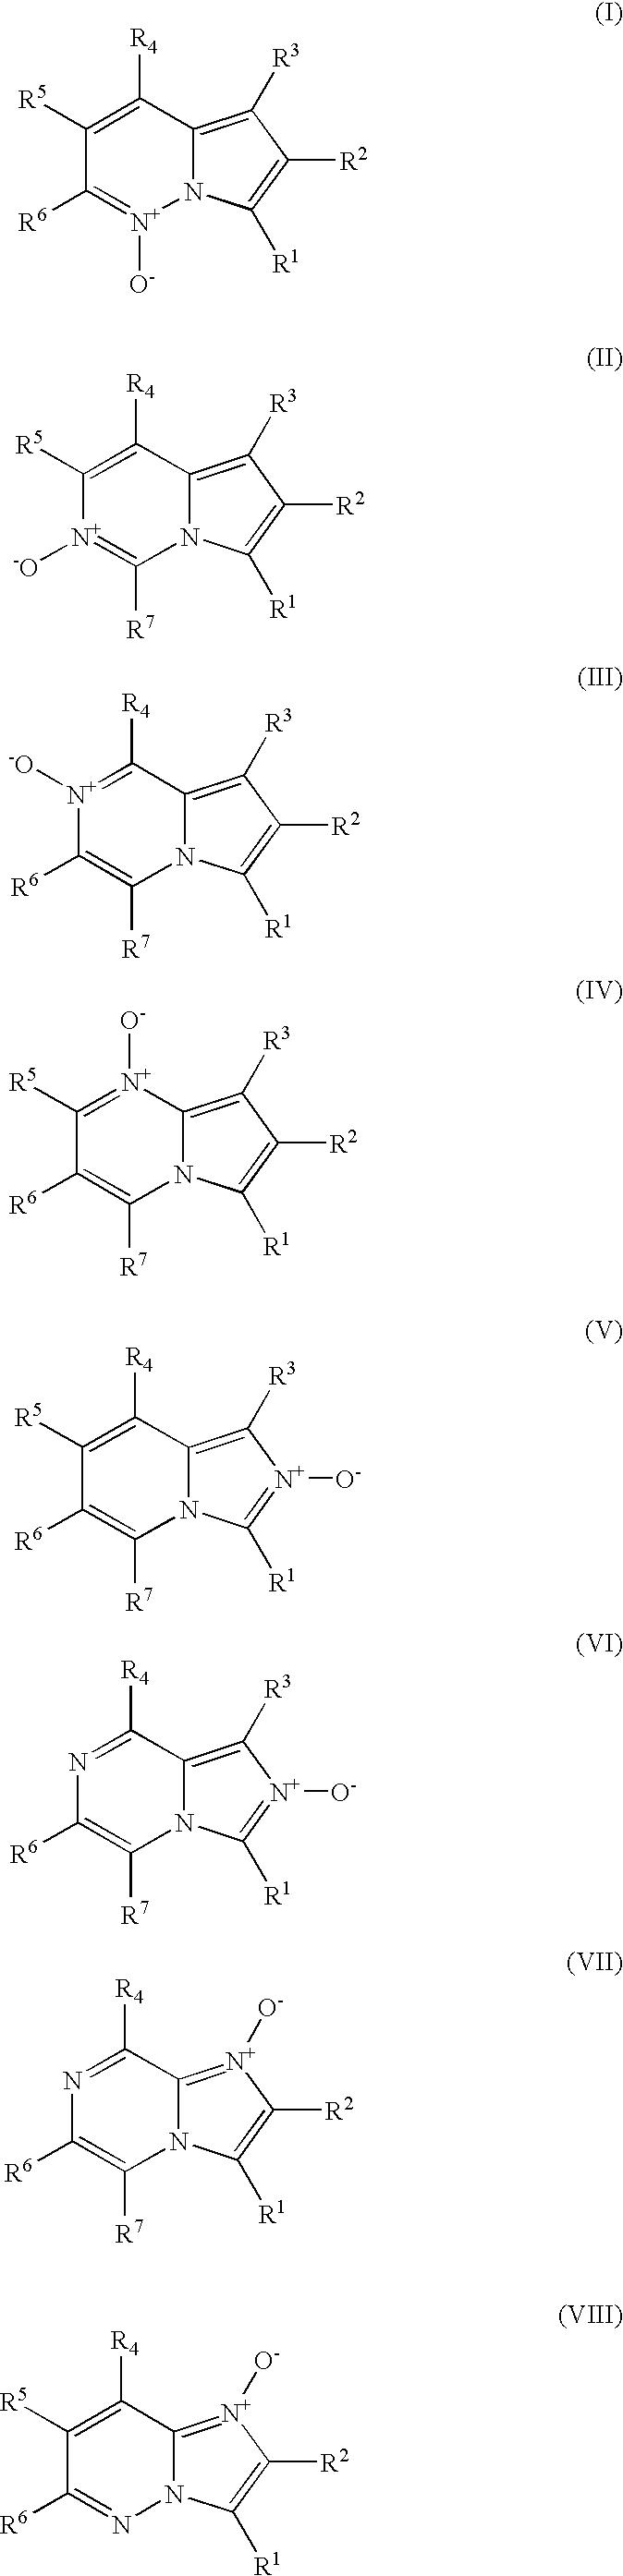 Figure US20060156483A1-20060720-C00035